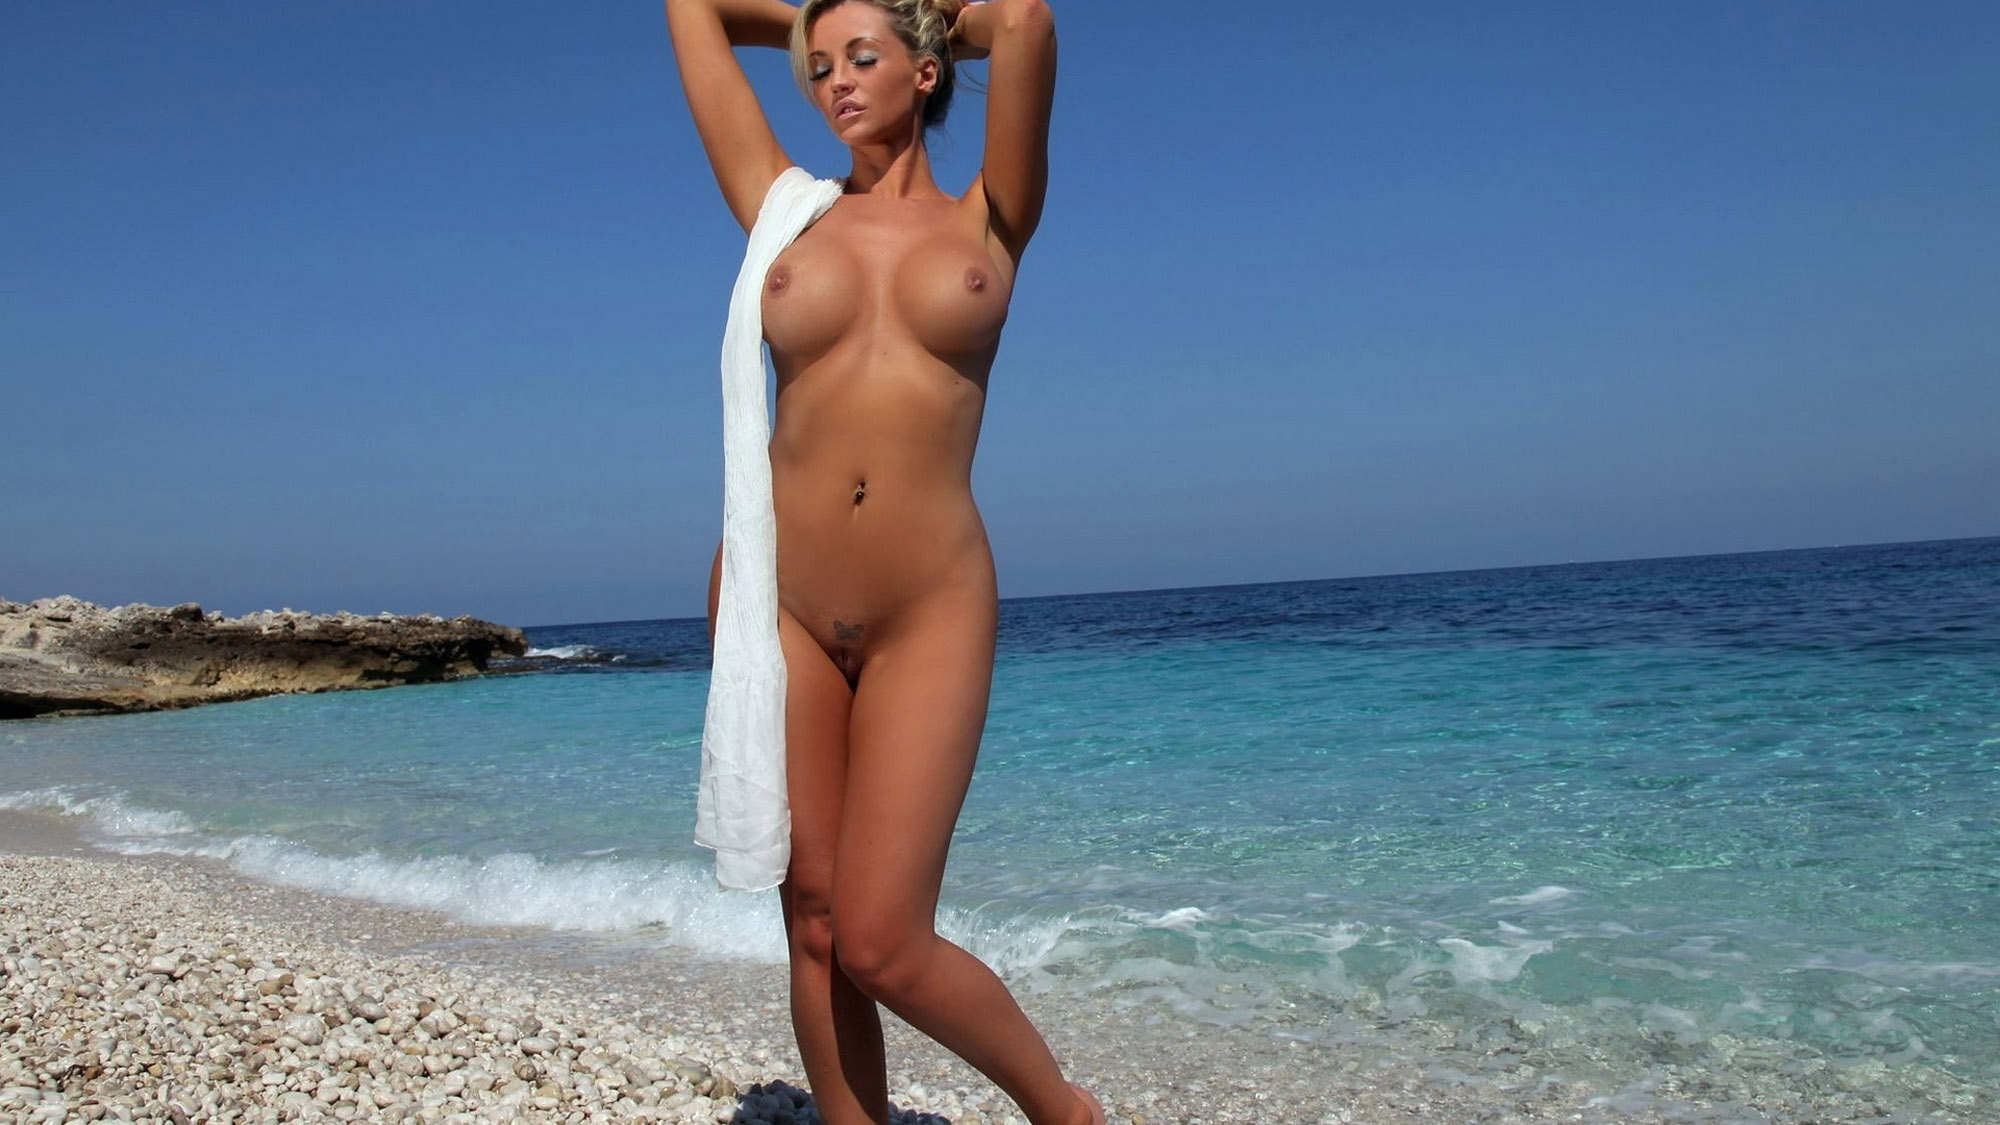 Фото Обнаженных Женщин На Пляже